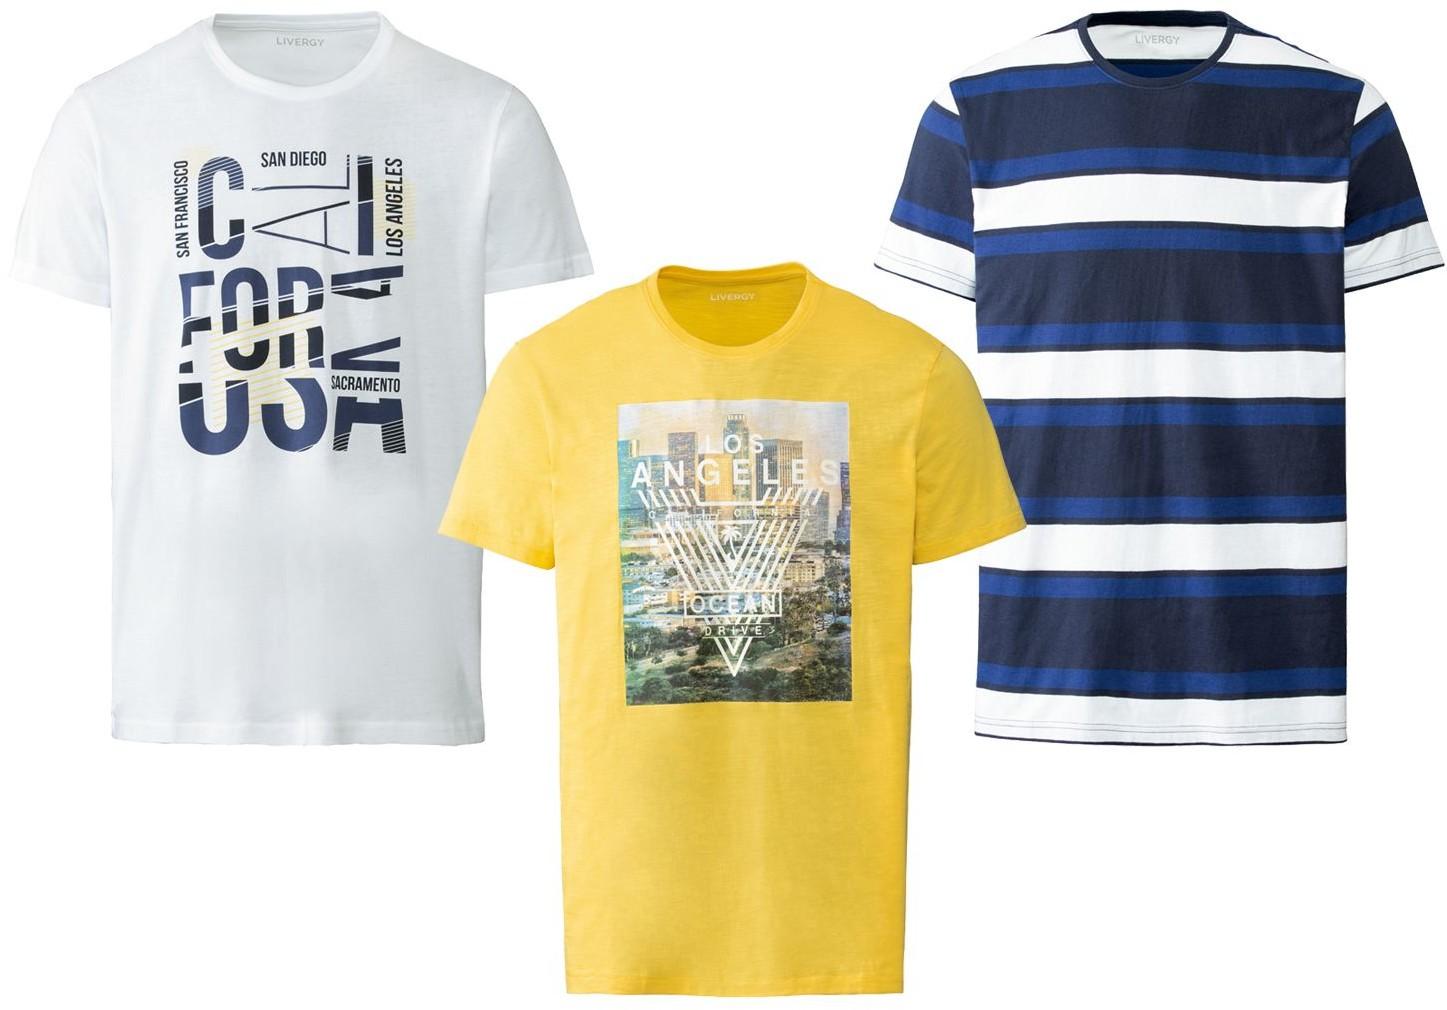 LIVERGY LIVERGY T-shirt męski, 1 sztuka